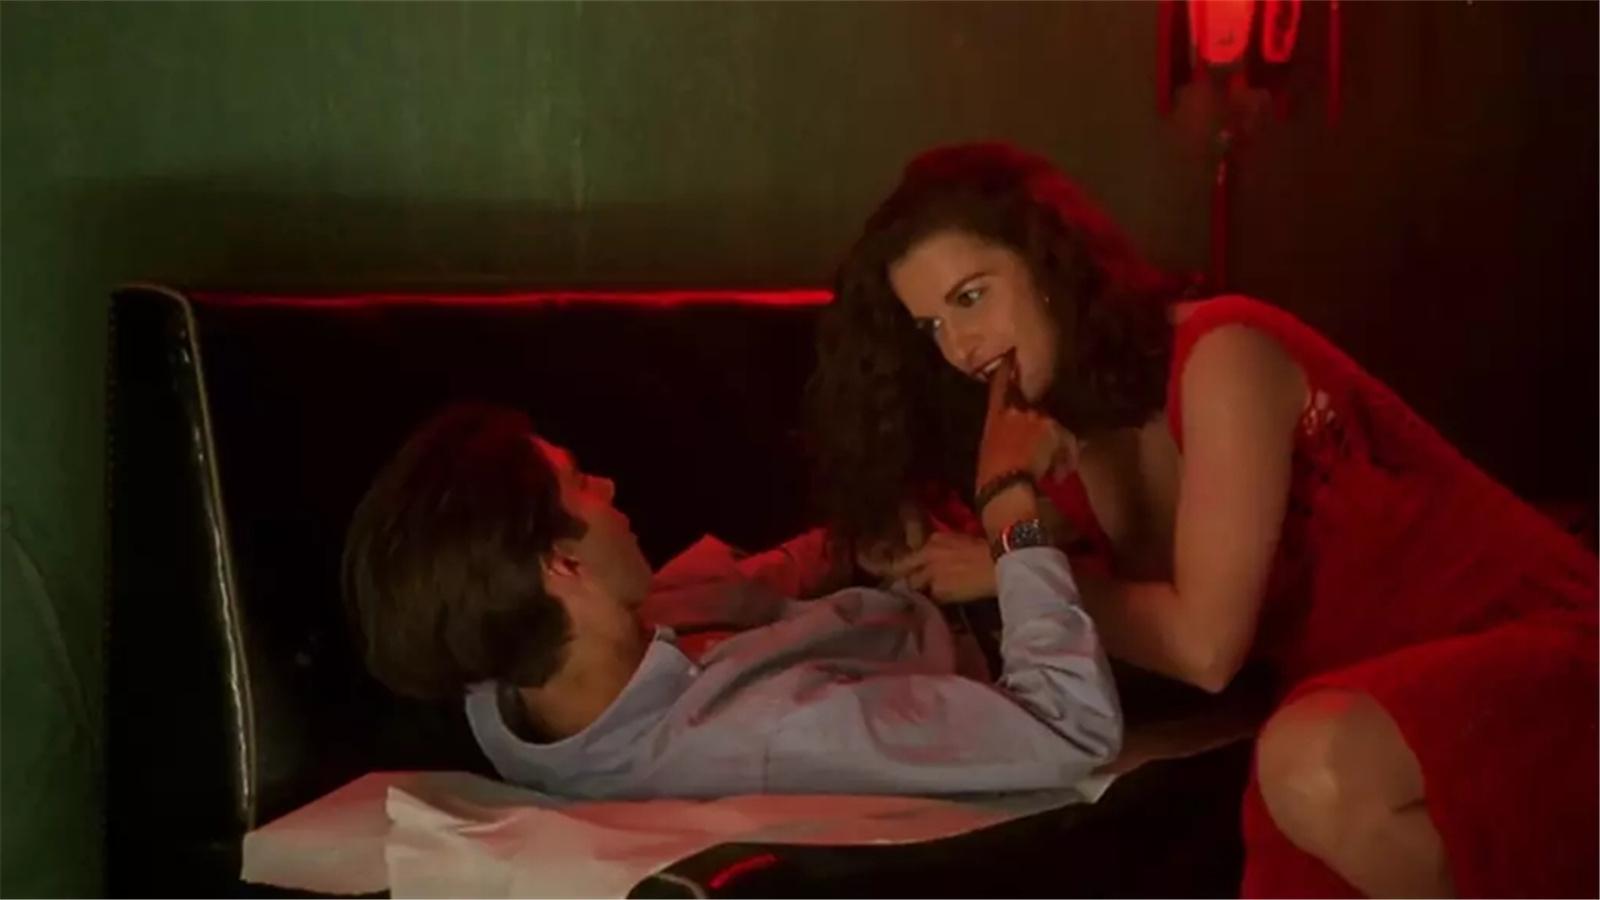 #经典看电影#一部颠覆你三观的爱情片,一家人共夫共妻,关系复杂到瞠目结舌